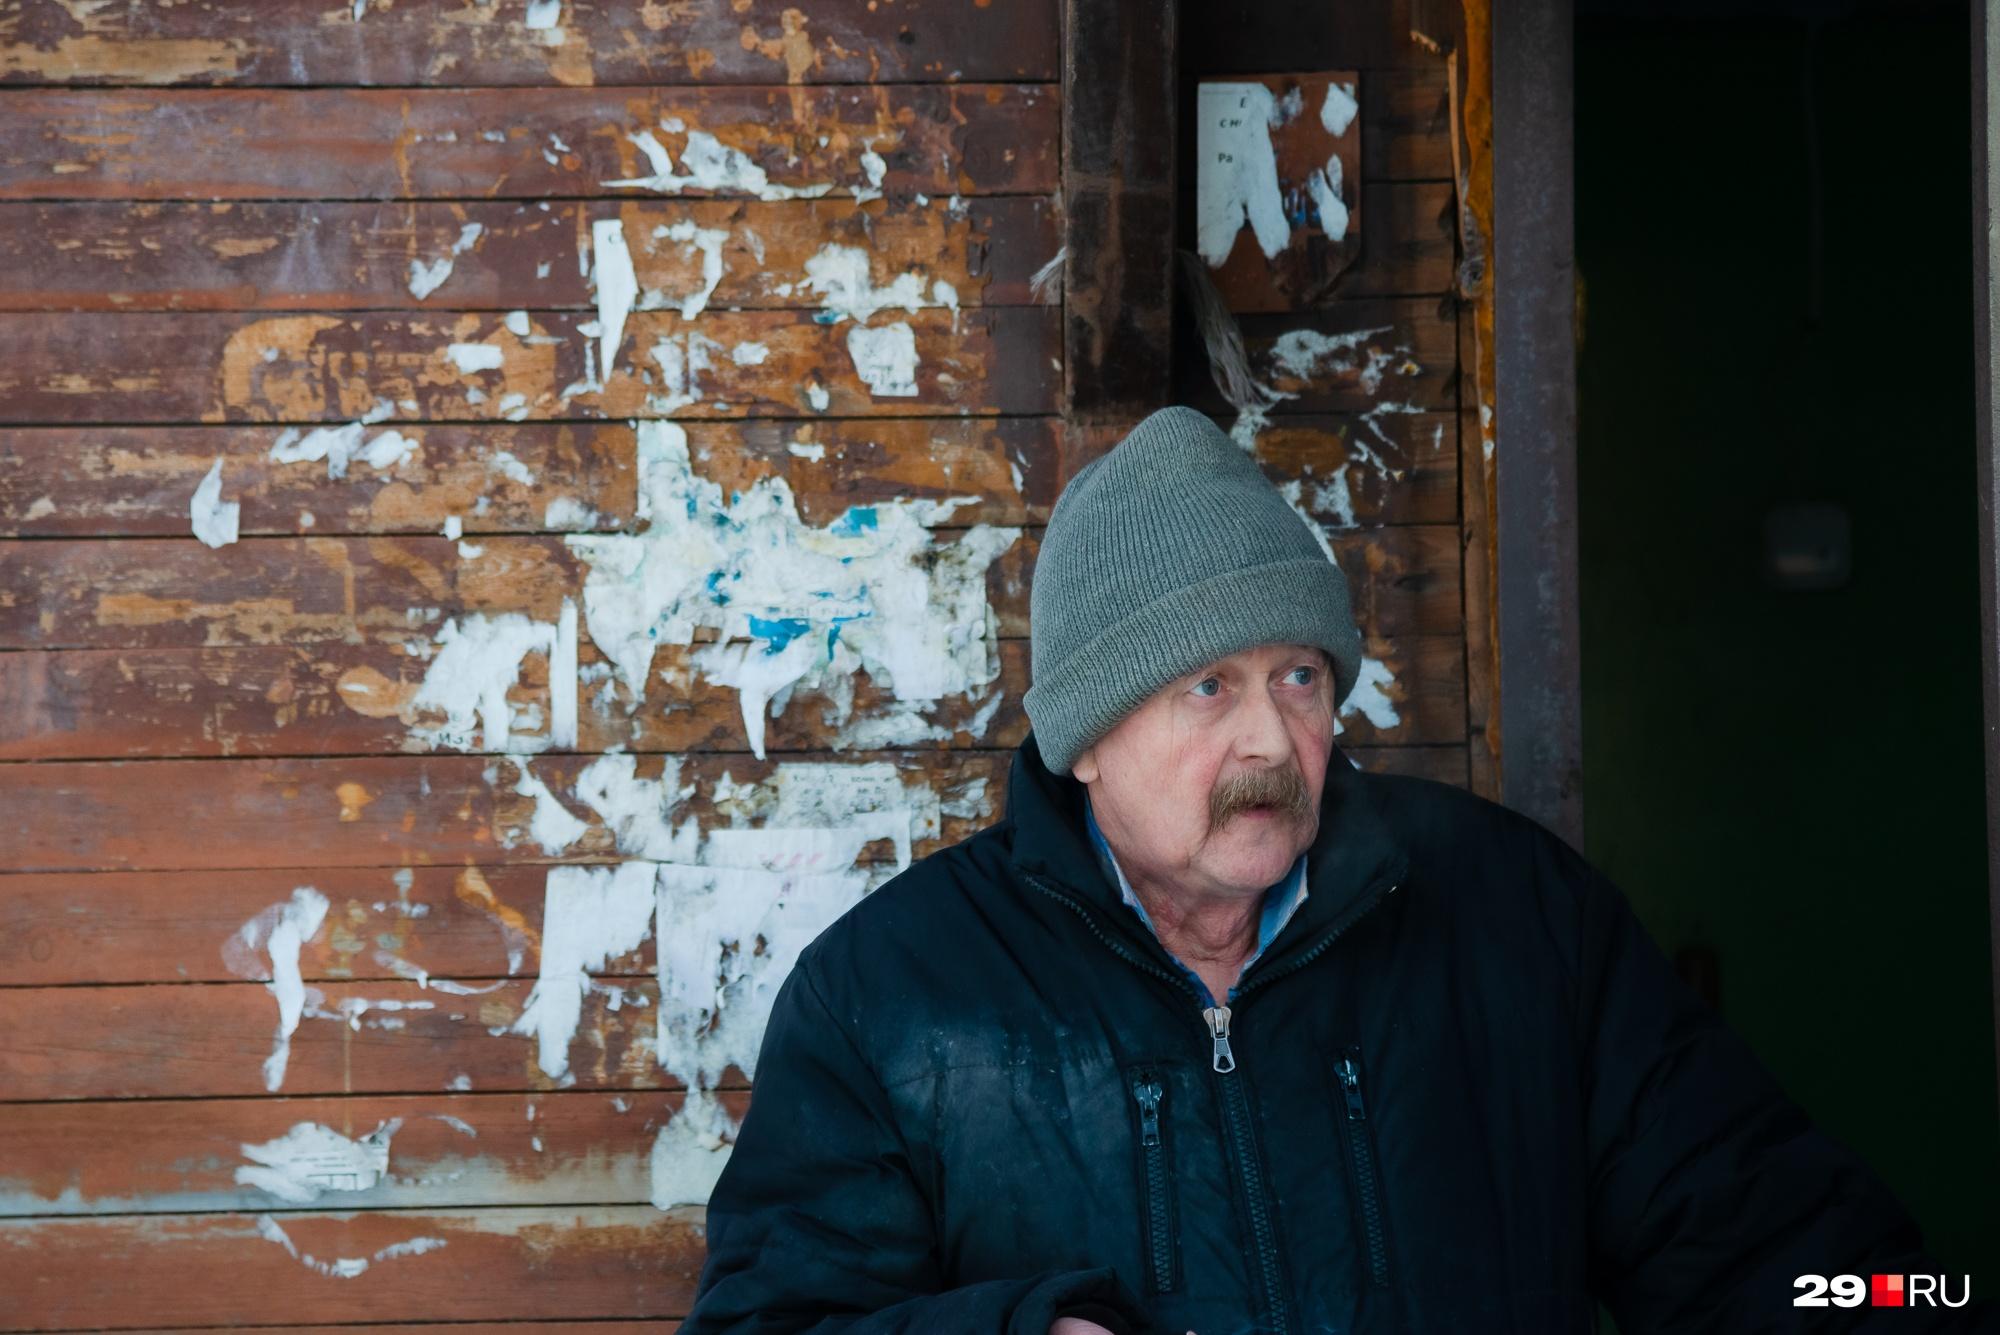 Местный житель Сергей сам когда-то работал в сфере ЖКХ, говорит, что трубы давно уже требуют замены<br>